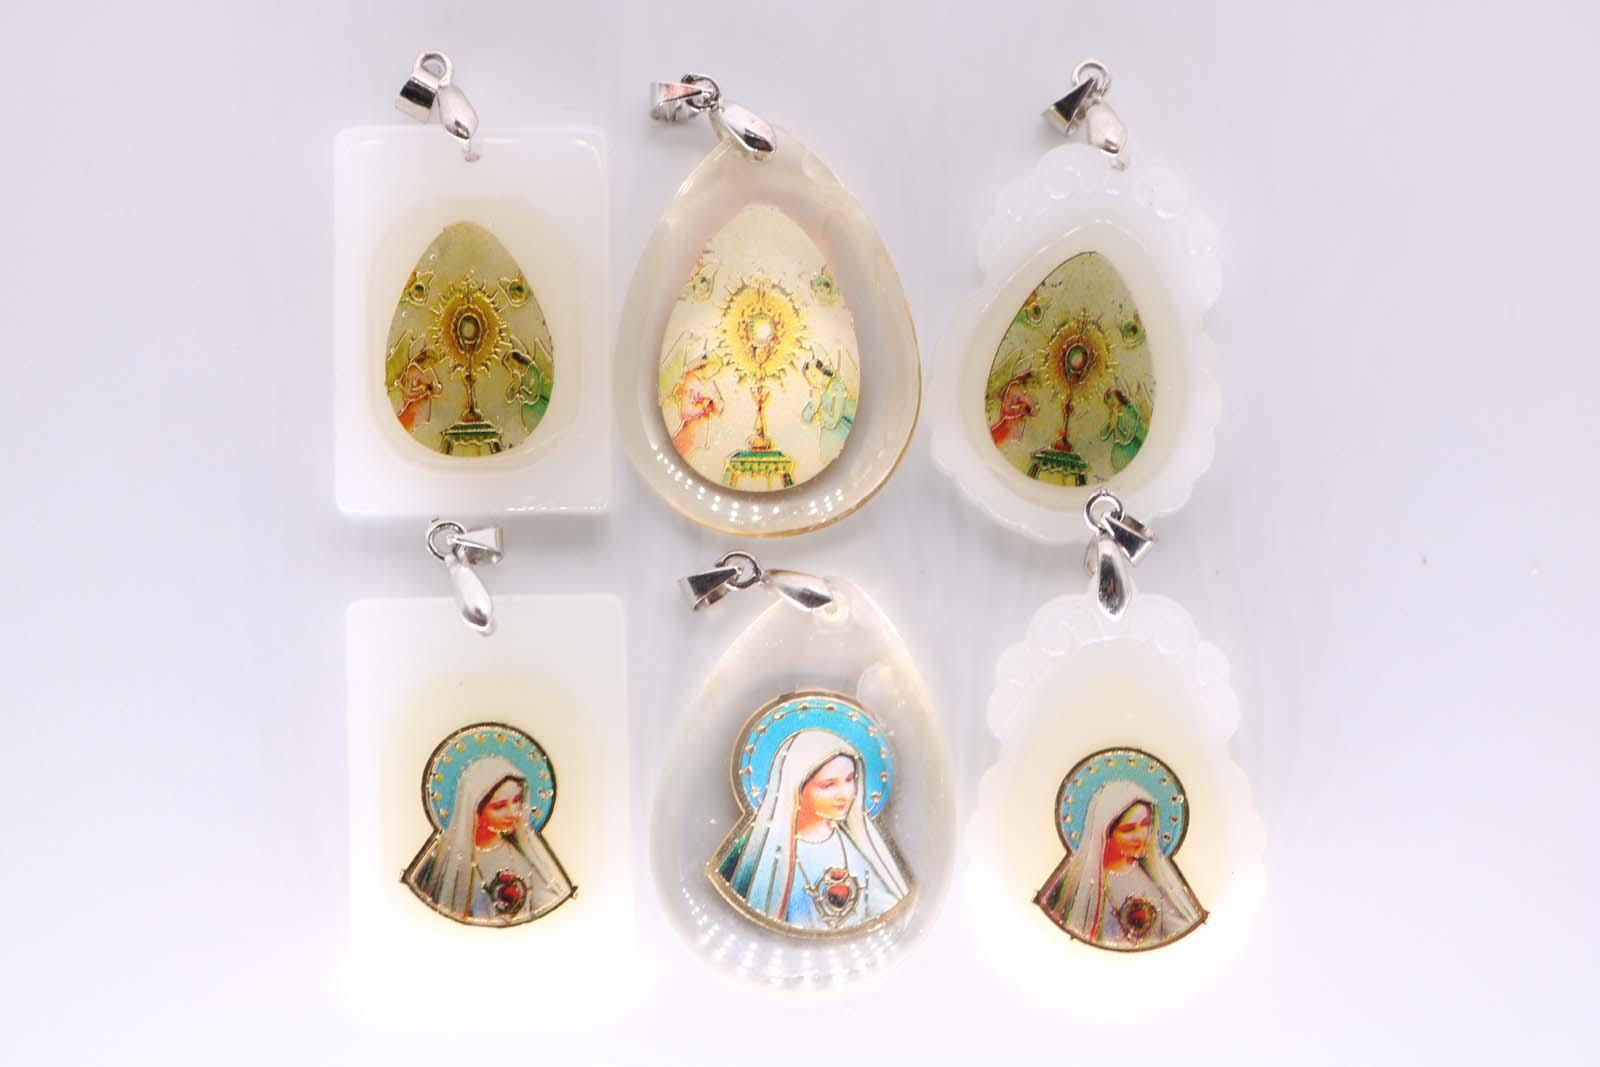 1 Großhandel Religiöse Dame Maria Rot Herz Wohlwollende Glas Anhänger Heiligen Gral Jesus Mode Anhänger Zubehör 1 Grade Produkte Nach QualitäT